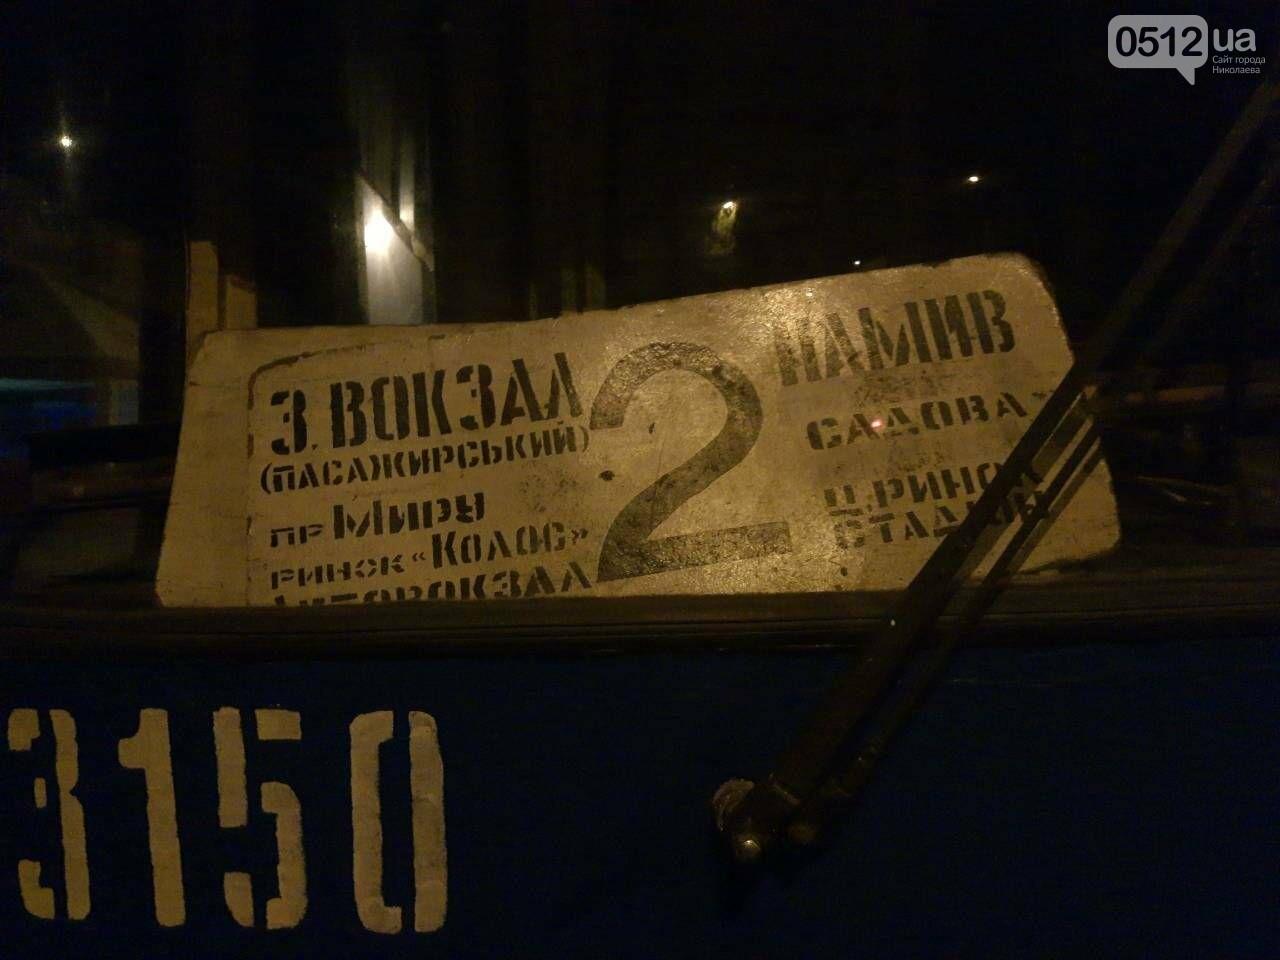 В Николаеве водитель троллейбуса №2 захлопнул двери и чуть не переехал ребенка, - ФОТО, фото-4